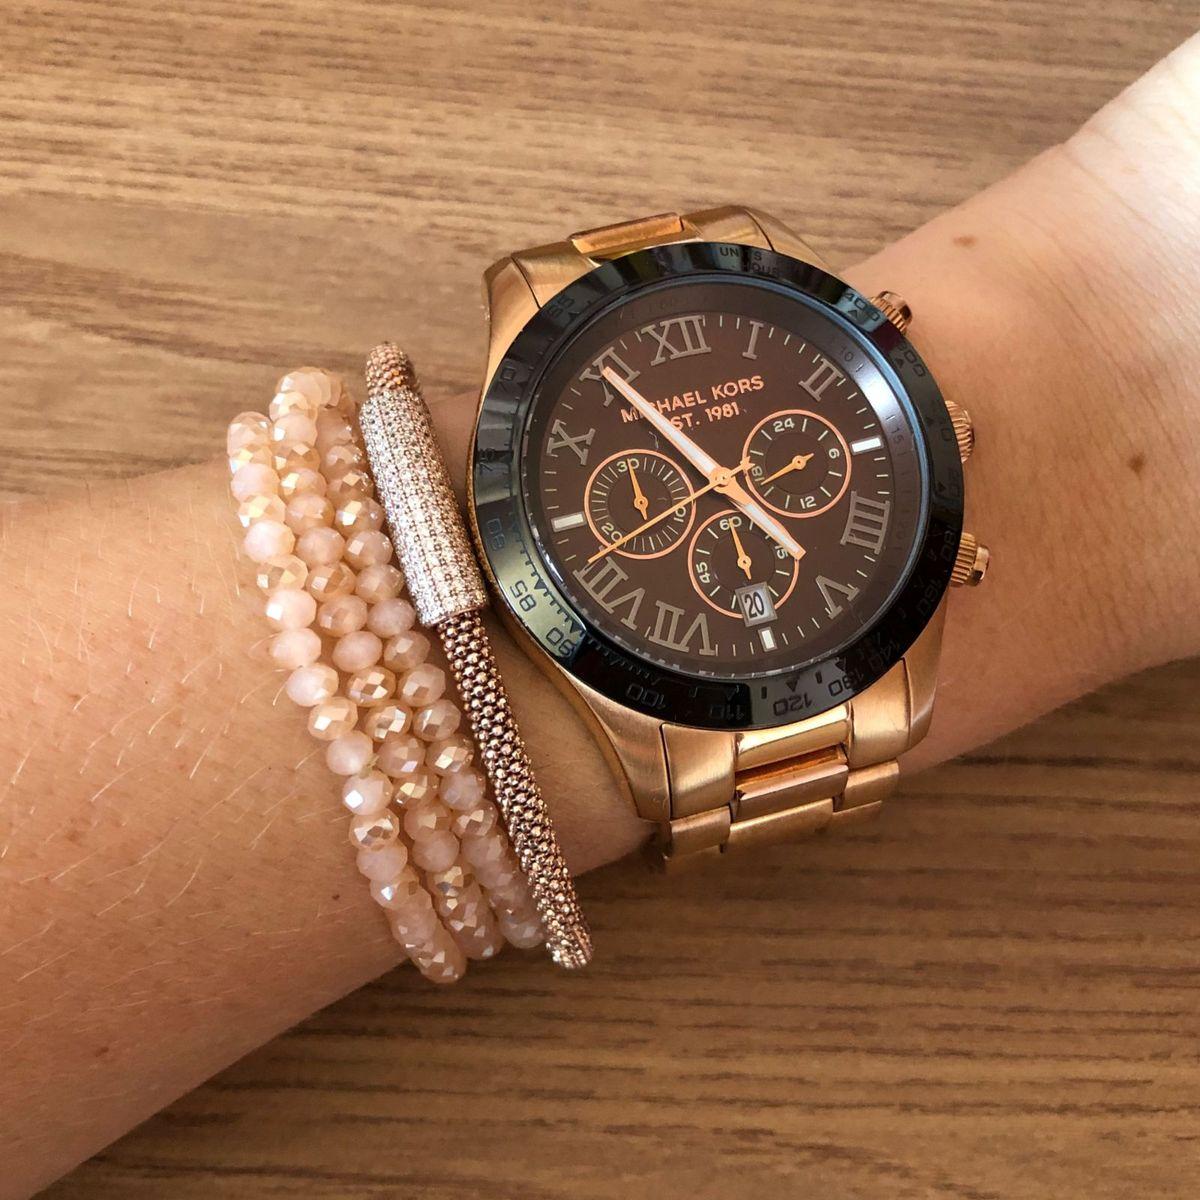 c34b61320 Relógio Michael Kors | Relógio Feminino Michael Kors Usado 26524465 | enjoei